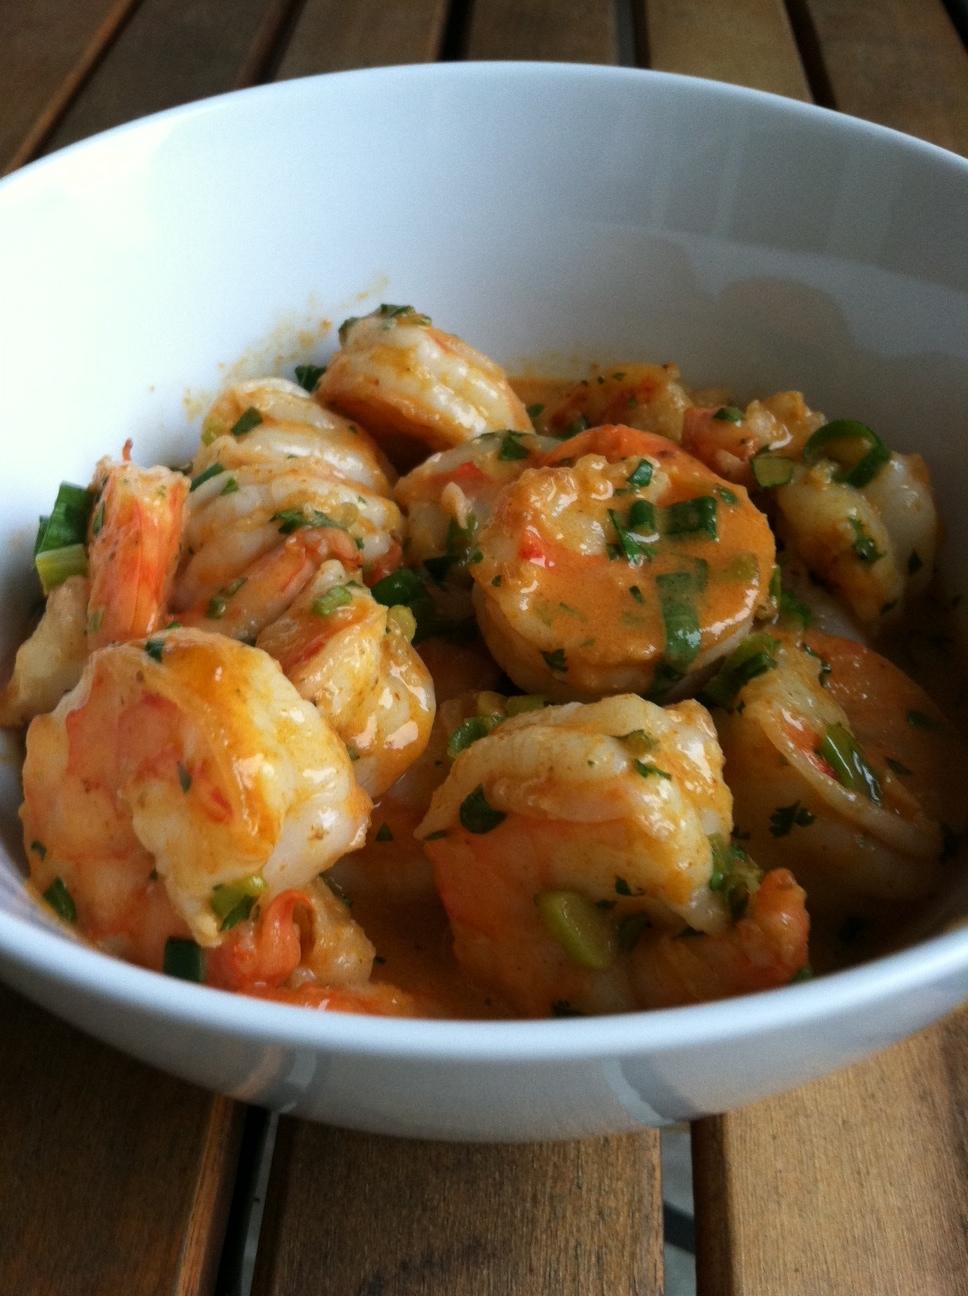 Taste of Home Cooking: Recipe Swap - Thai Coconut Curry Shrimp